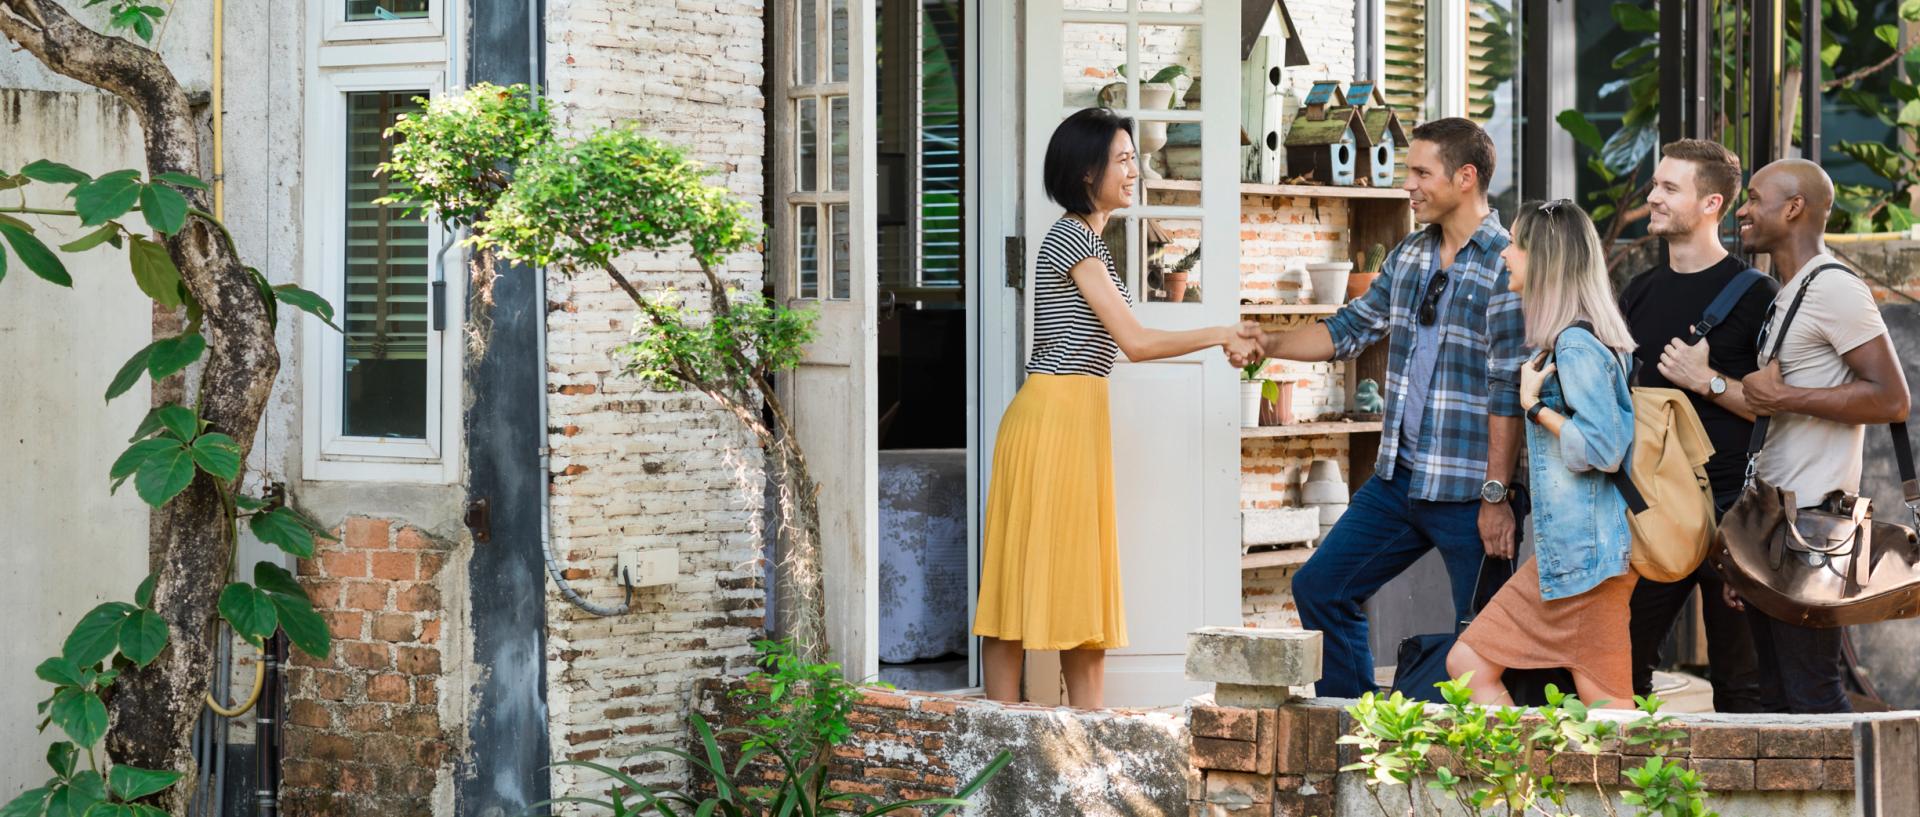 Agoda Homes Host meets guests